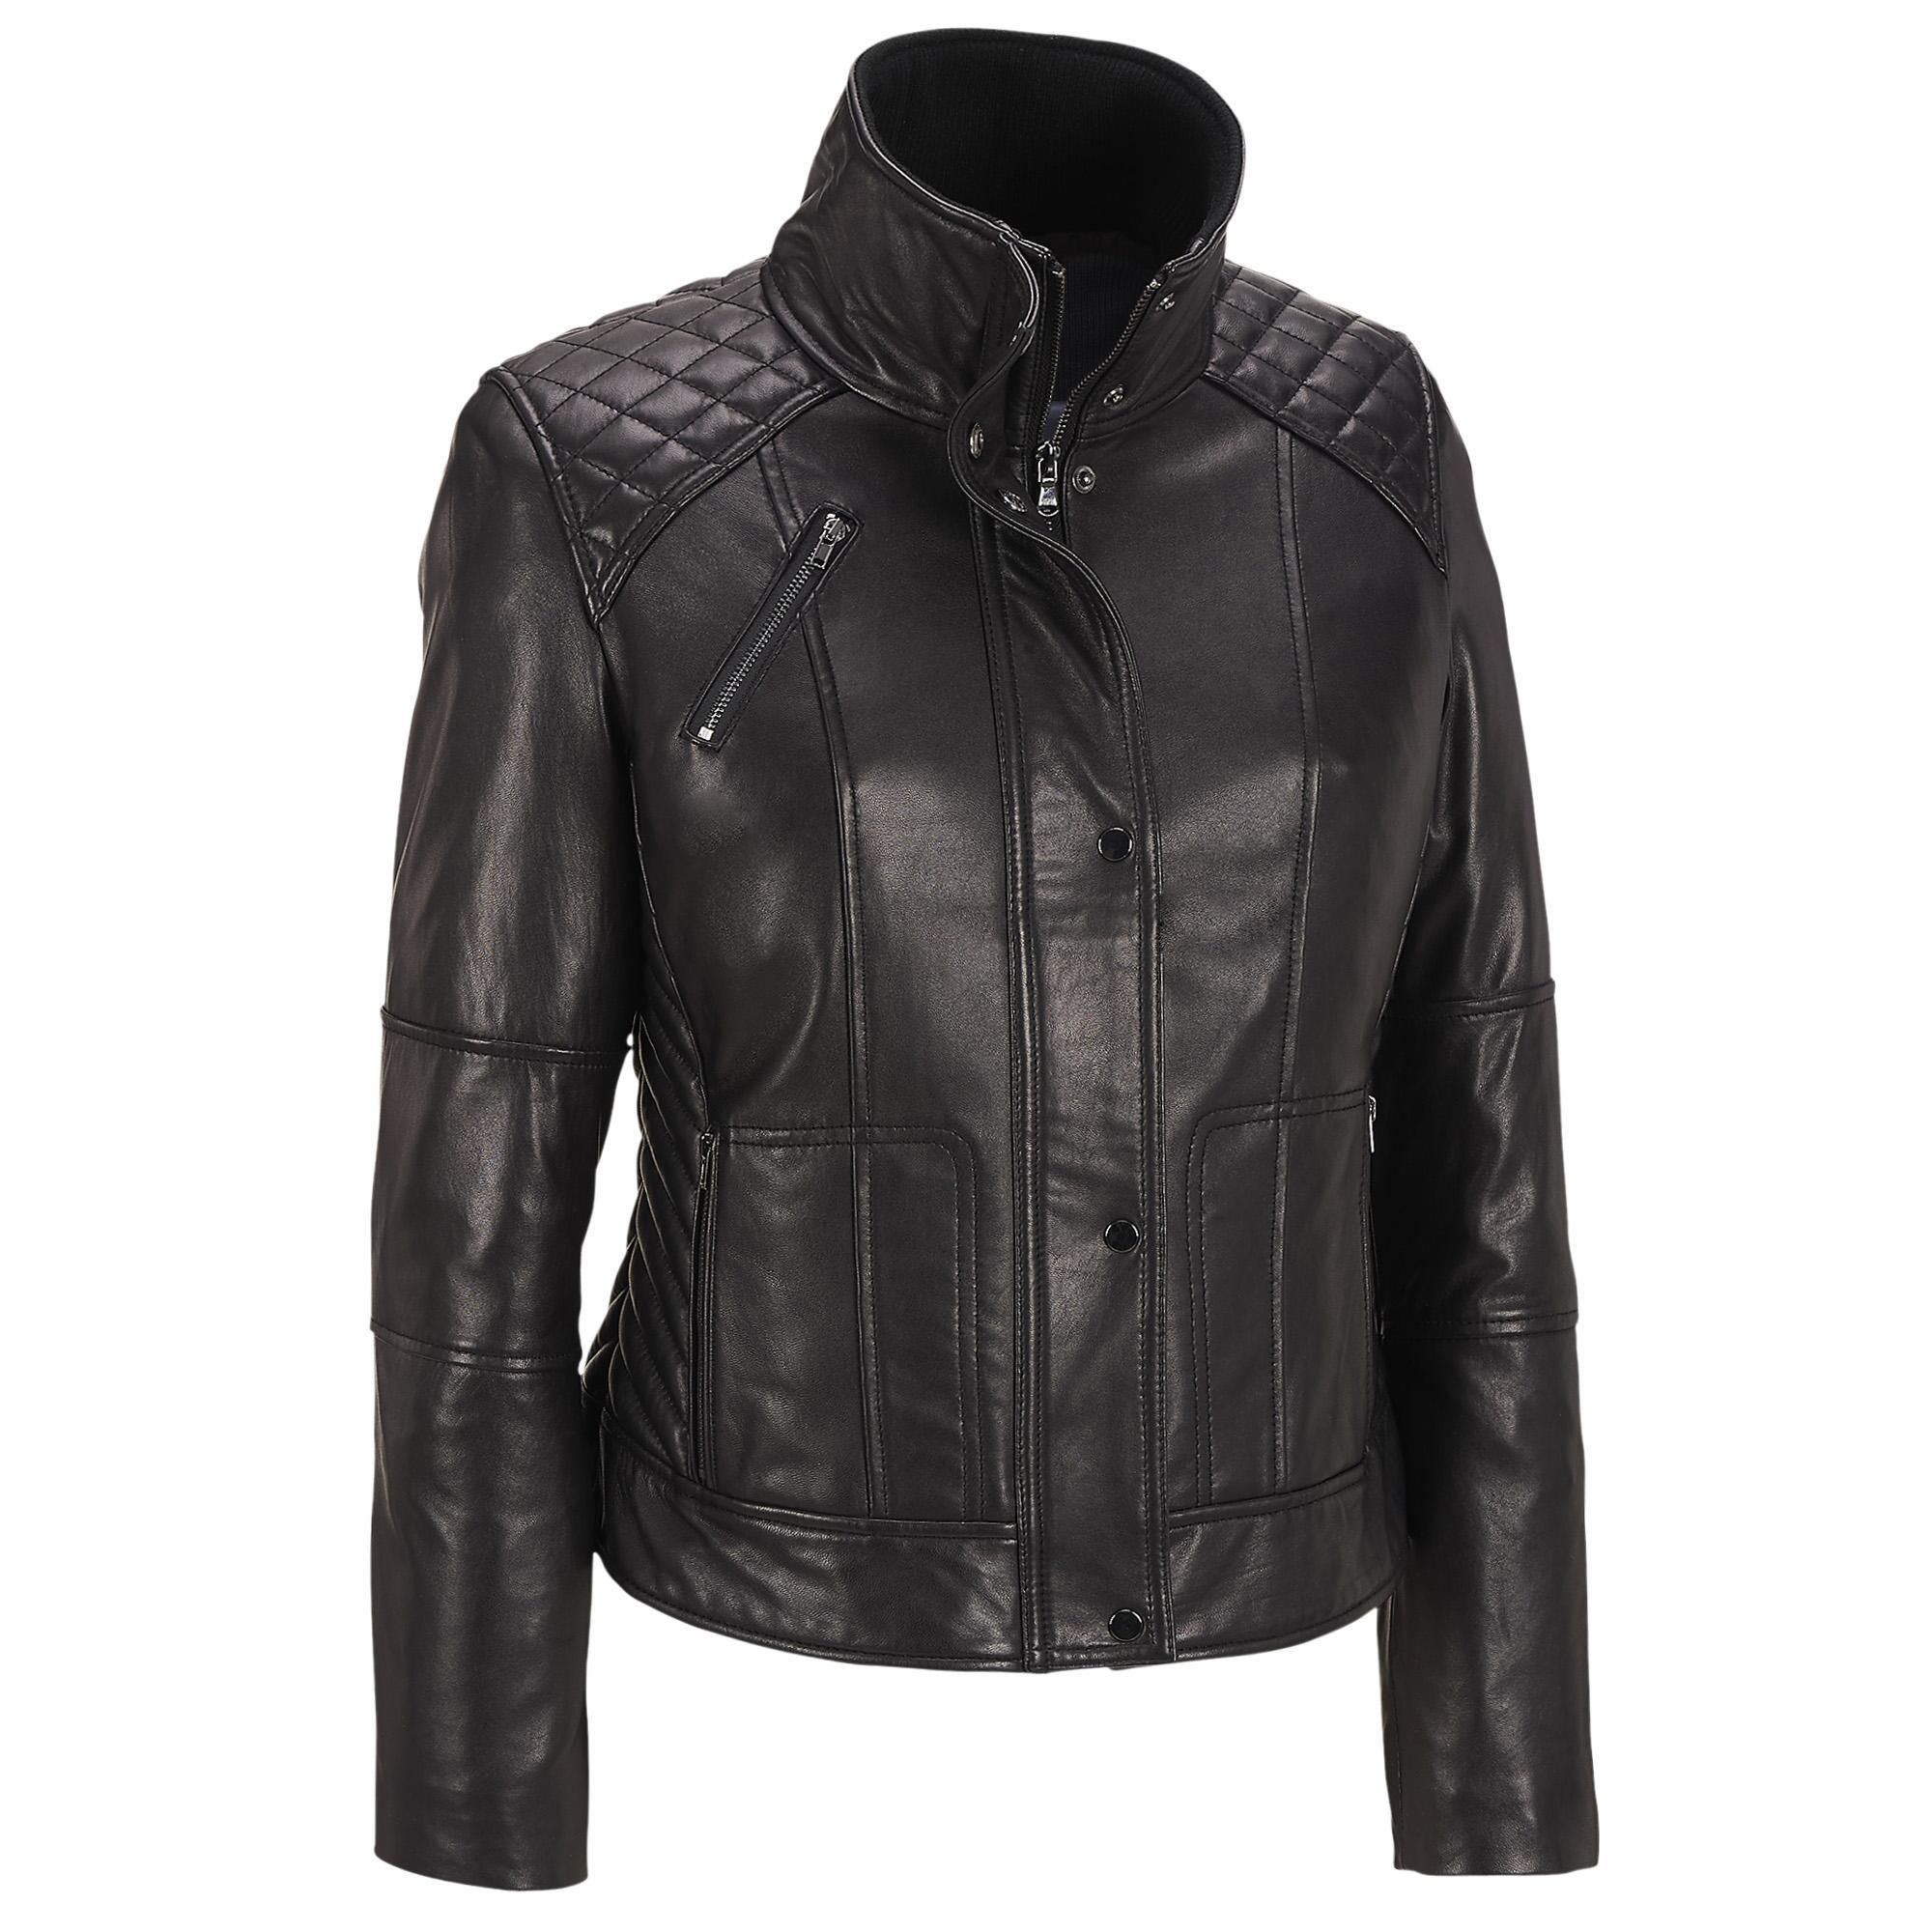 Wilsons Leather Brands Wilsons Leather Leather Jacket Leather [ 2000 x 2000 Pixel ]